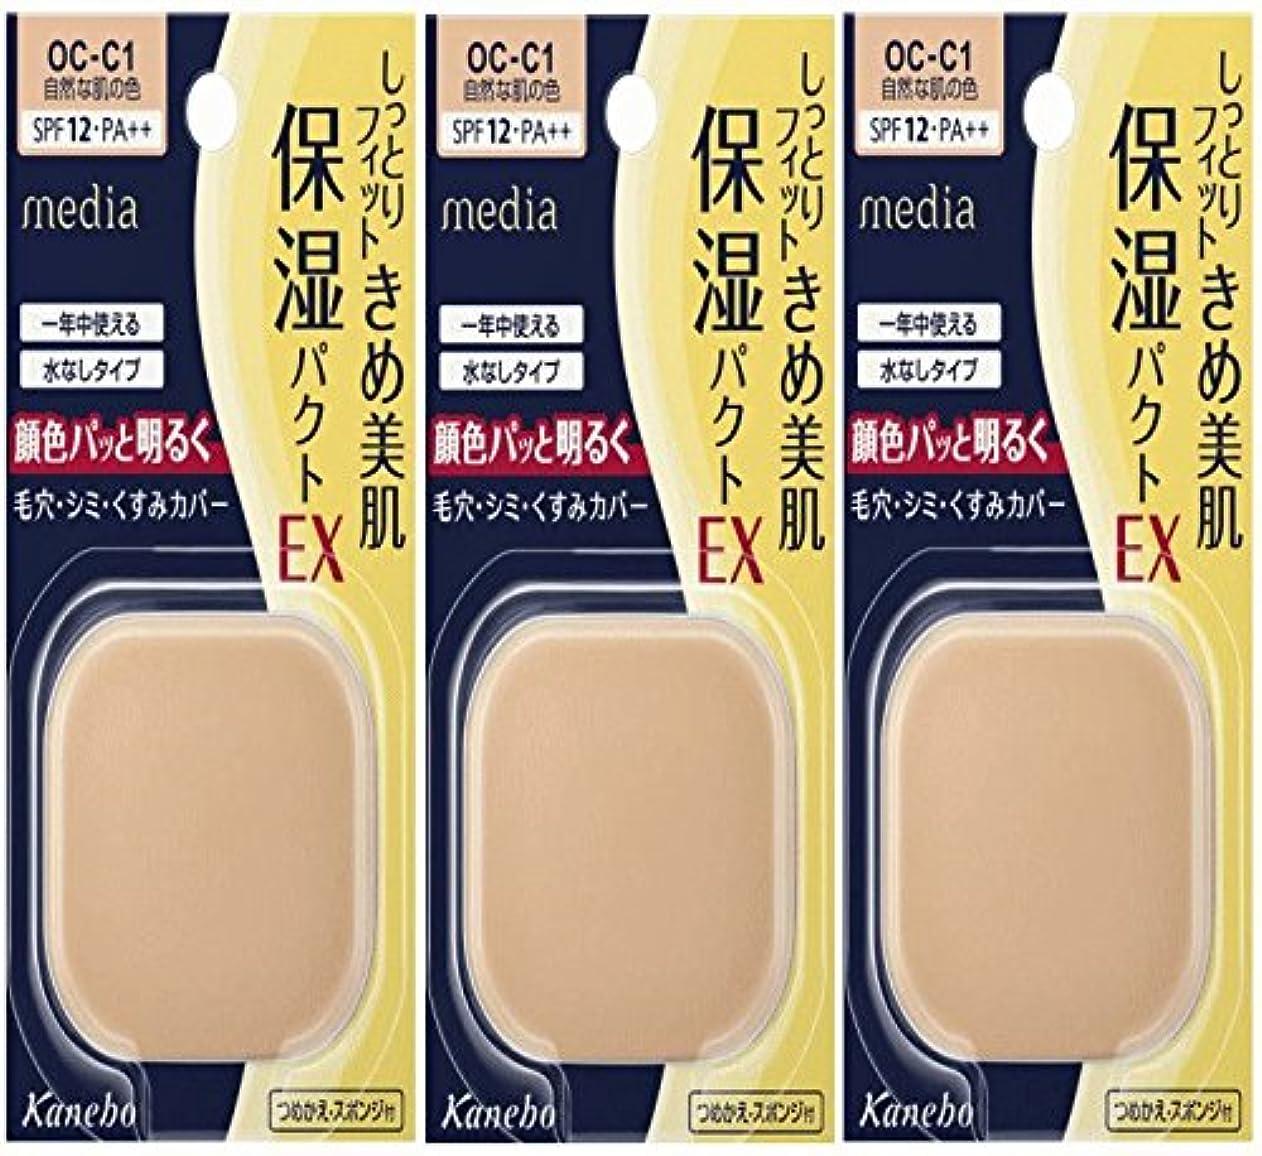 のホストアクセル消費者【3個セット】カネボウ メディア(media) モイストフィットパクトEX (つめかえ) OC-C1